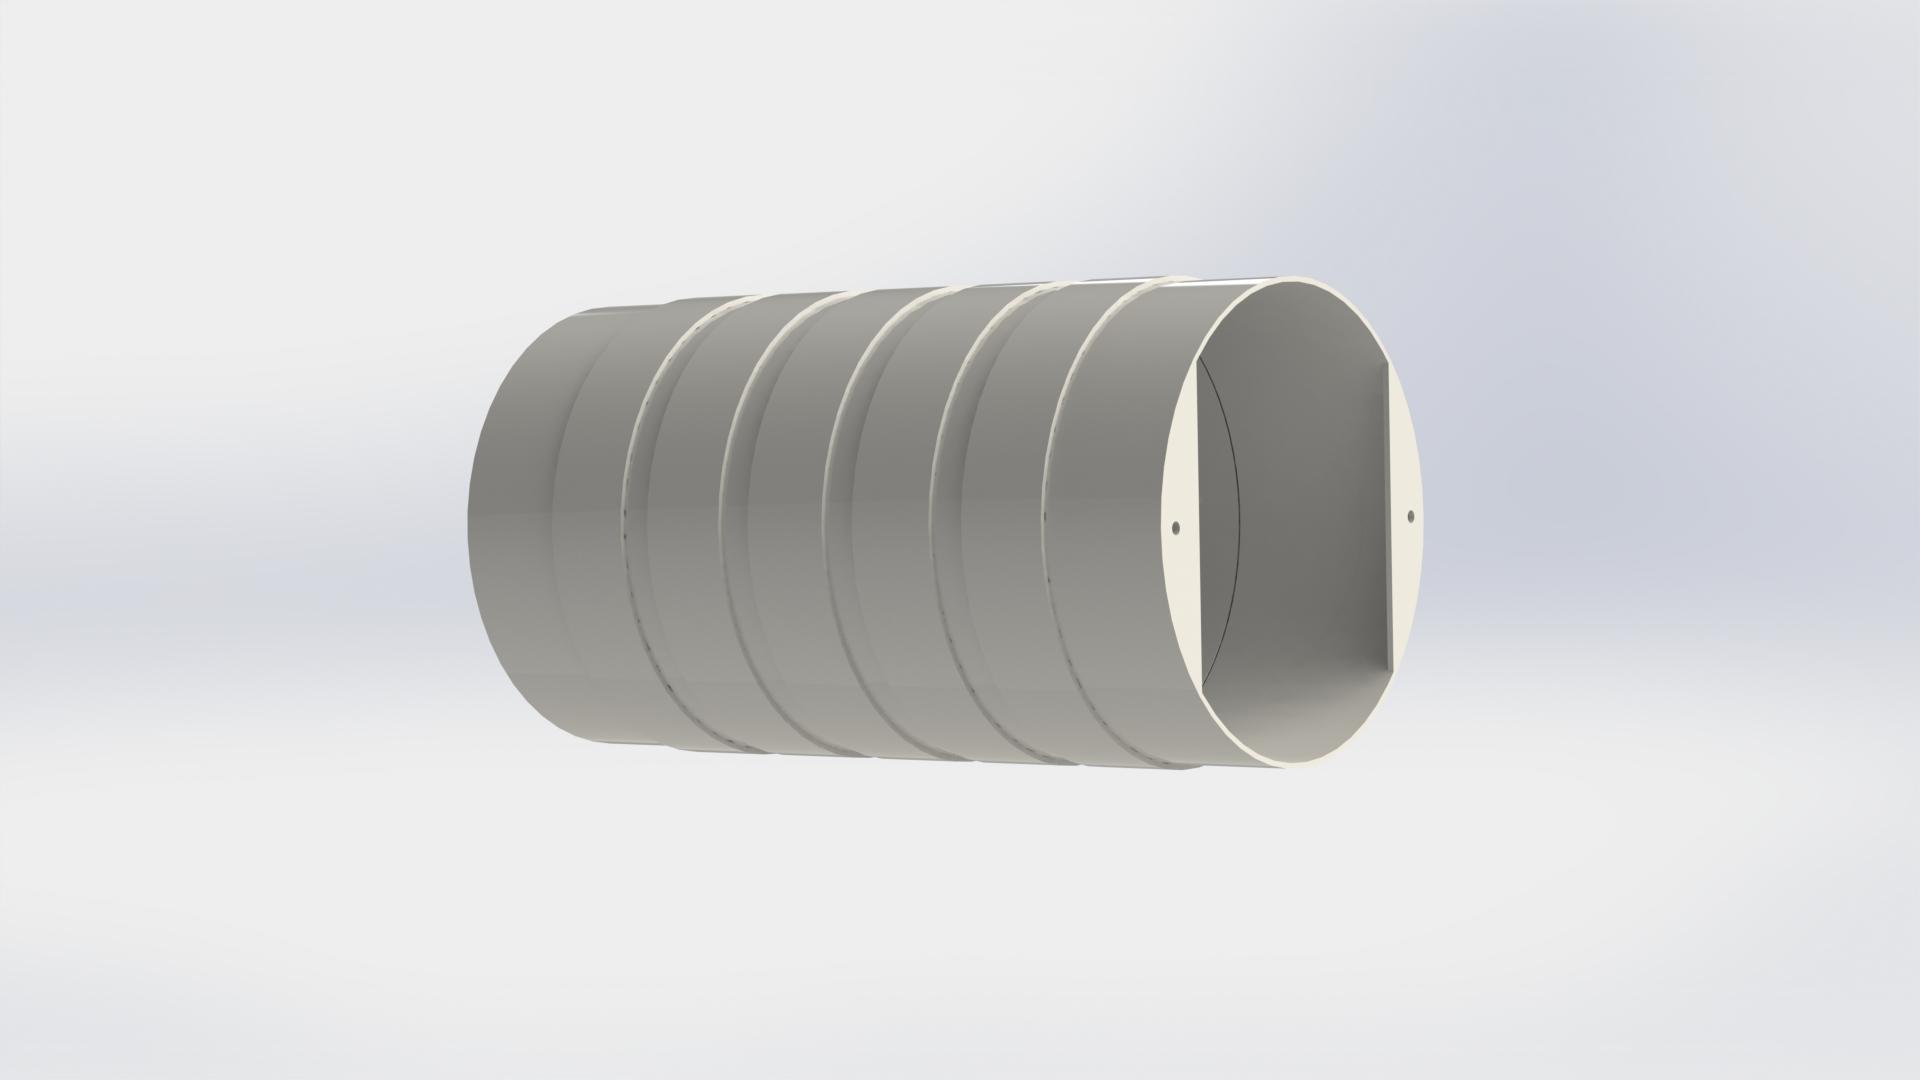 Собранные наборные кольца для рекуператоров Ventoxx